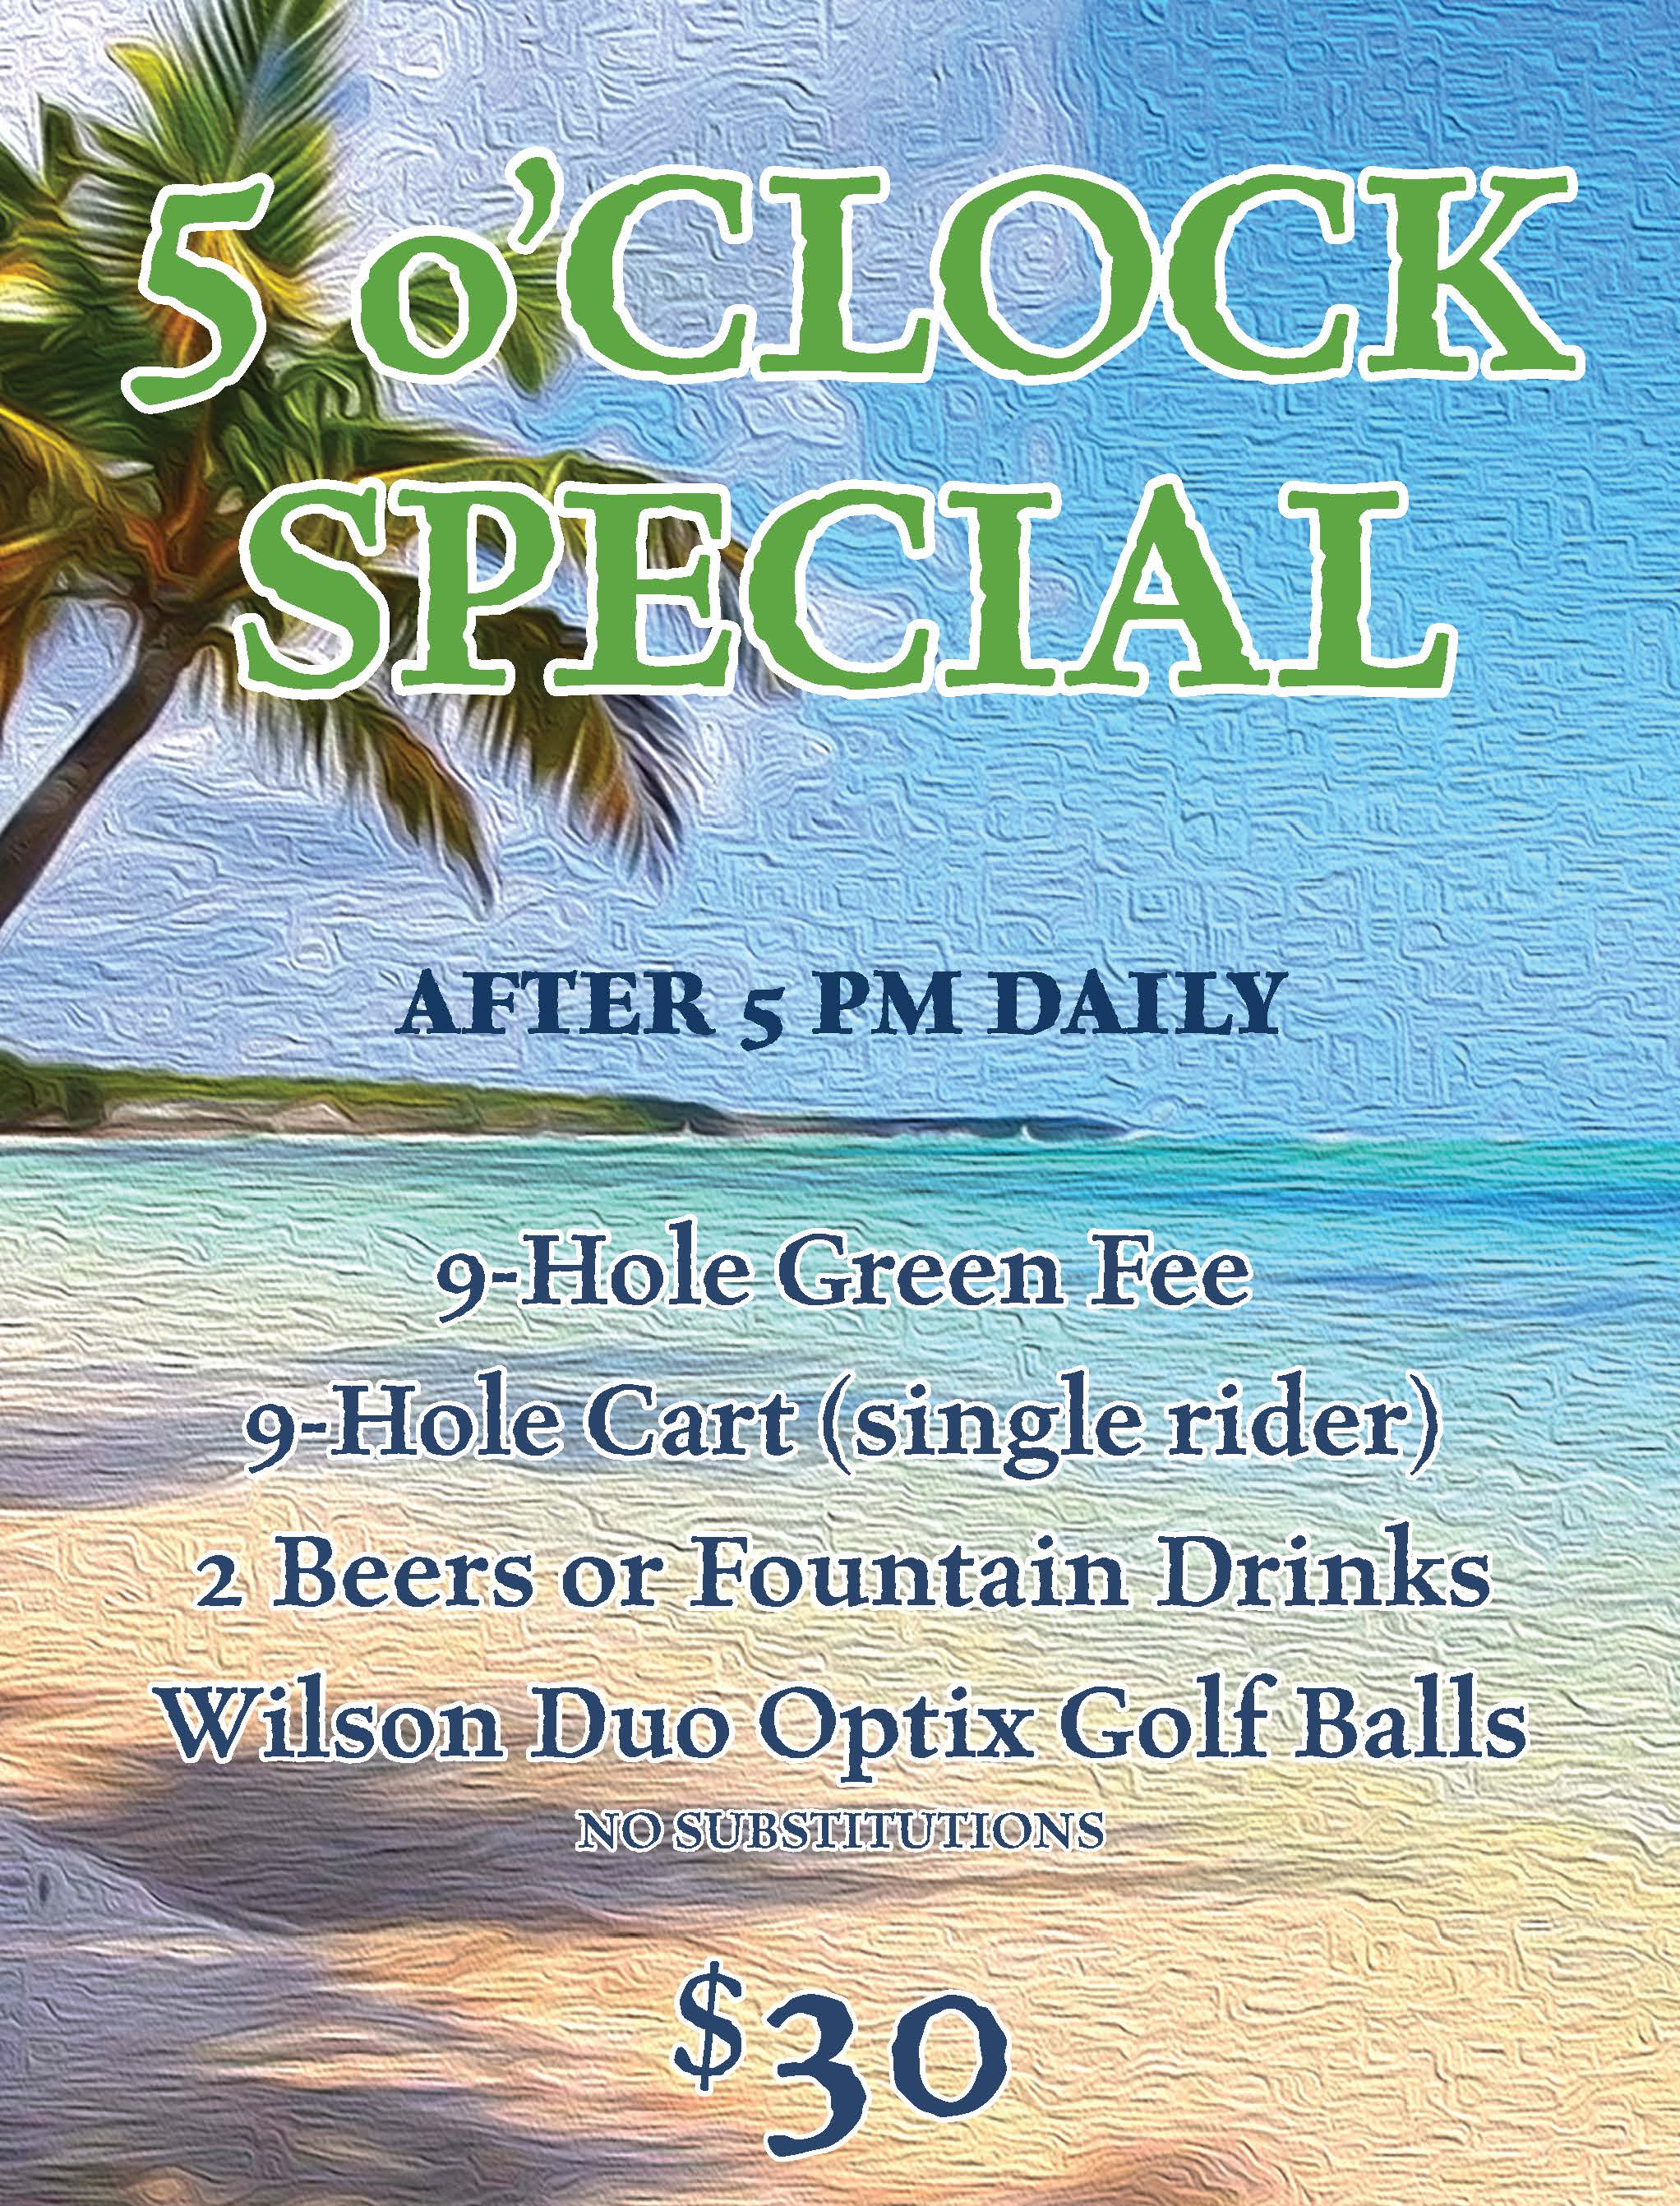 5oclock Special 2019_balls.jpg